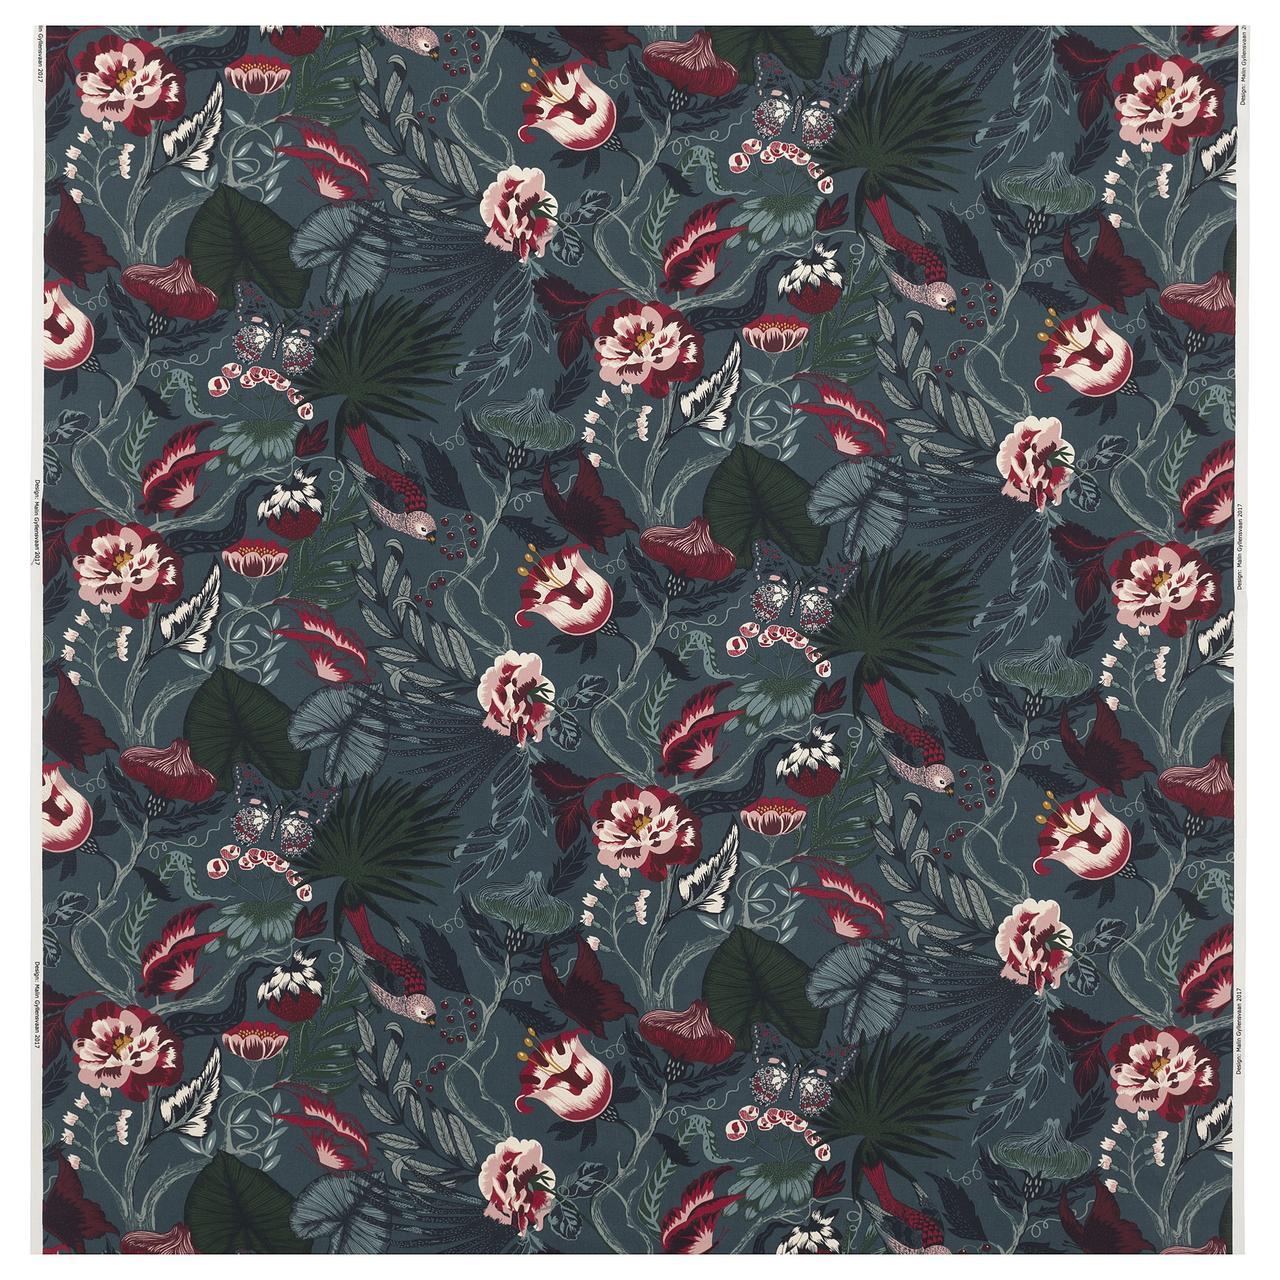 ФИЛОДЕНДРОН Ткань, темно-синий, с цветочным орнаментом